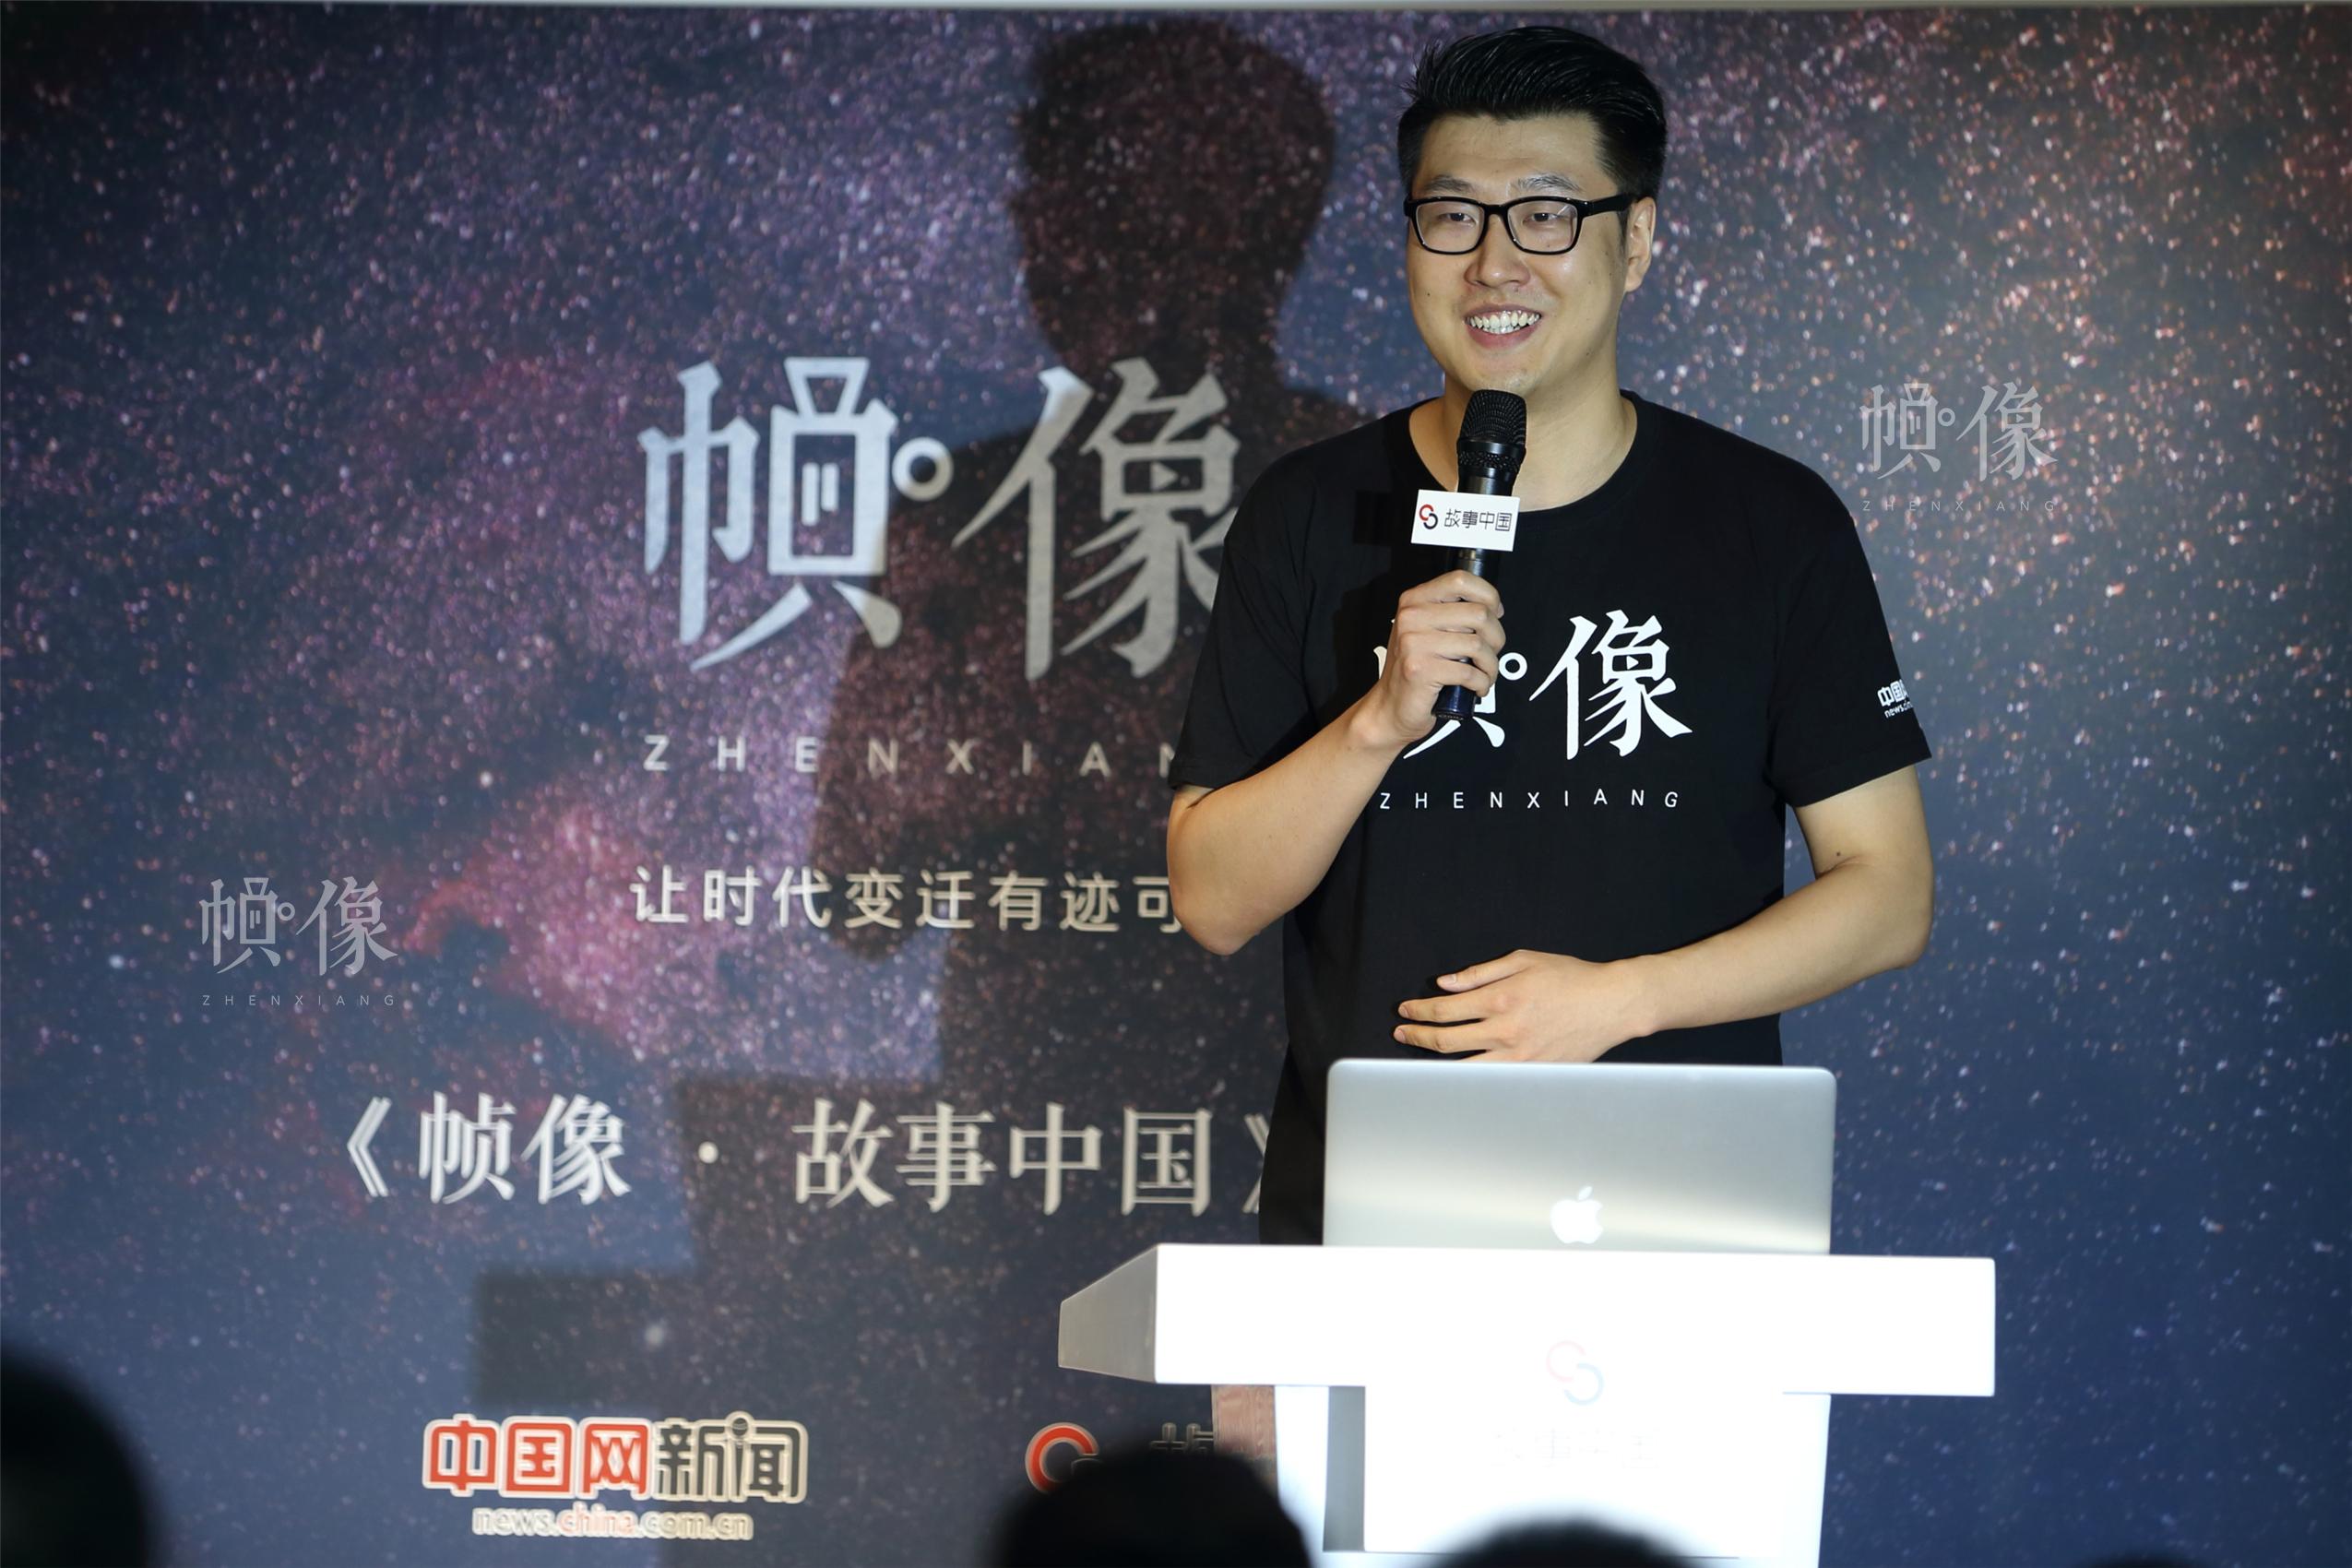 《帧像·故事中国》线下沙龙主持人,中国网新闻中心王梦泽。中国网记者 陈维松 摄